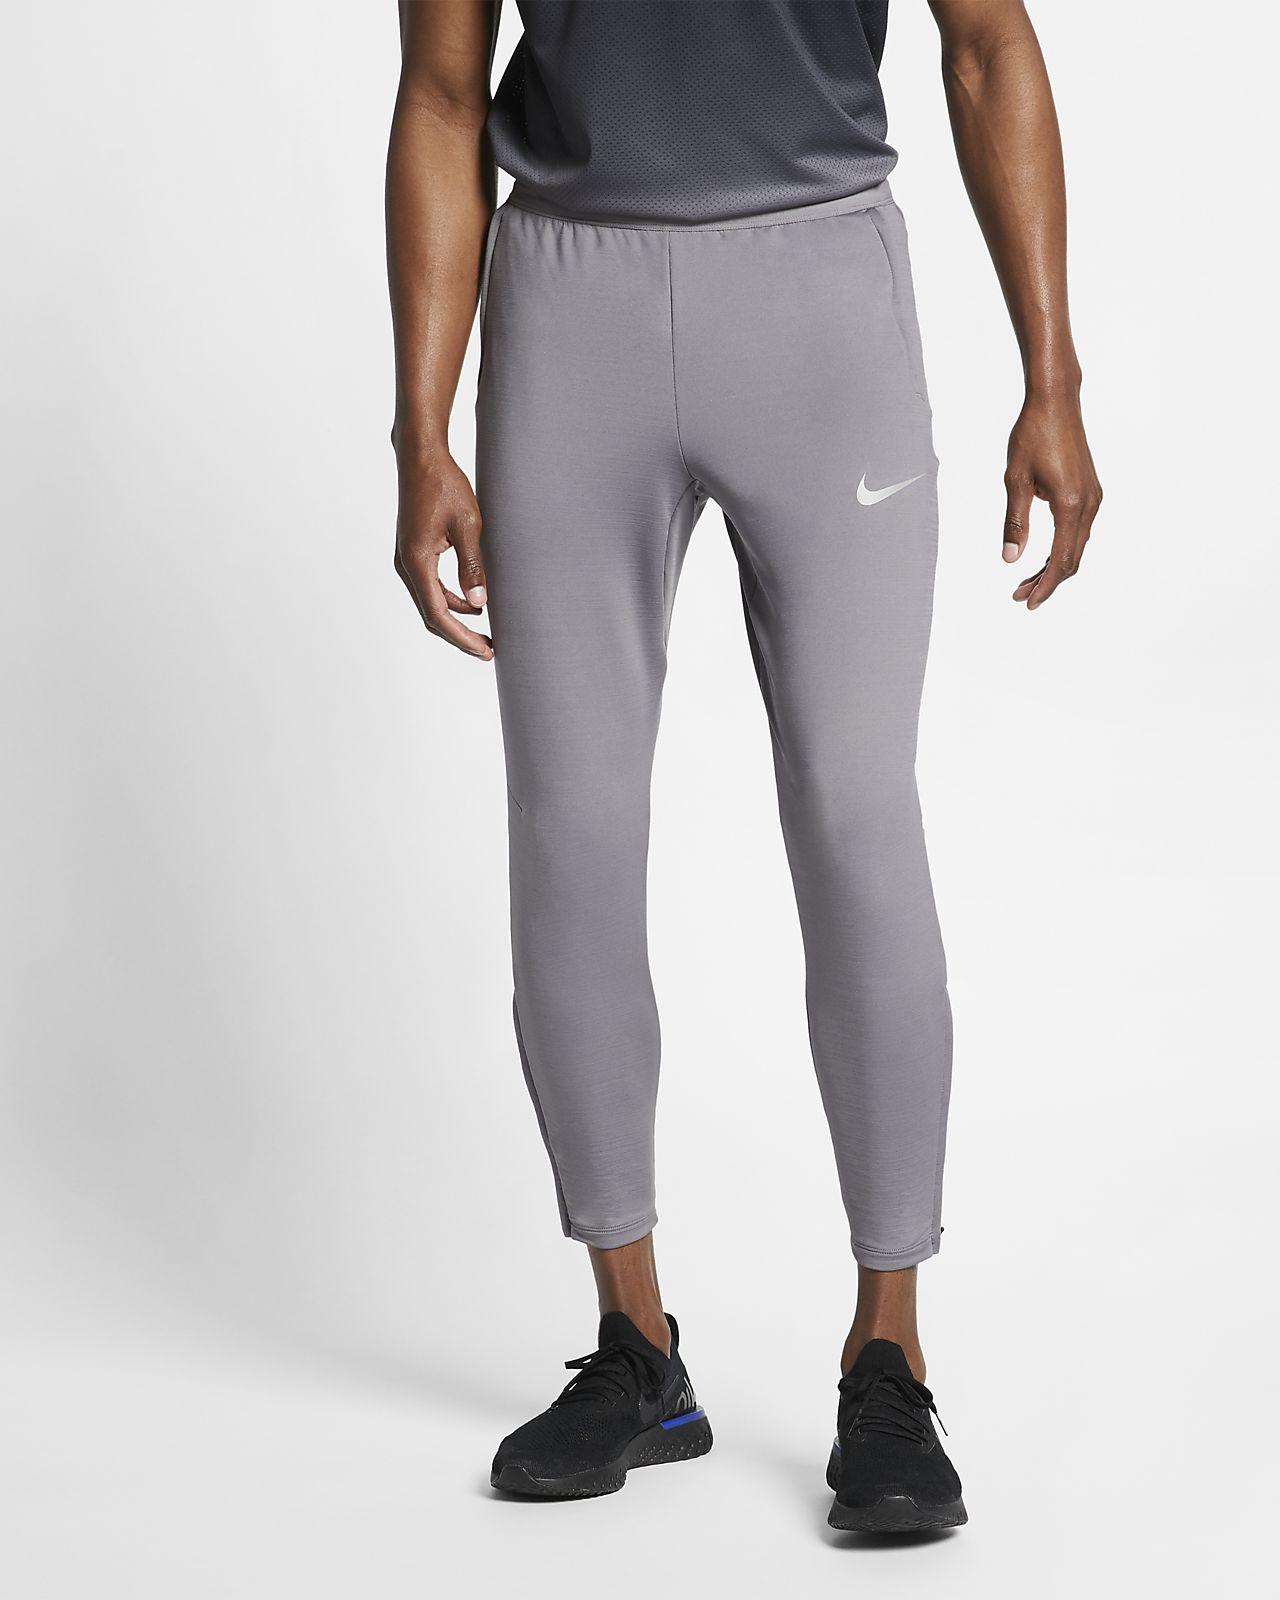 กางเกงวิ่งผู้ชาย Nike Phenom